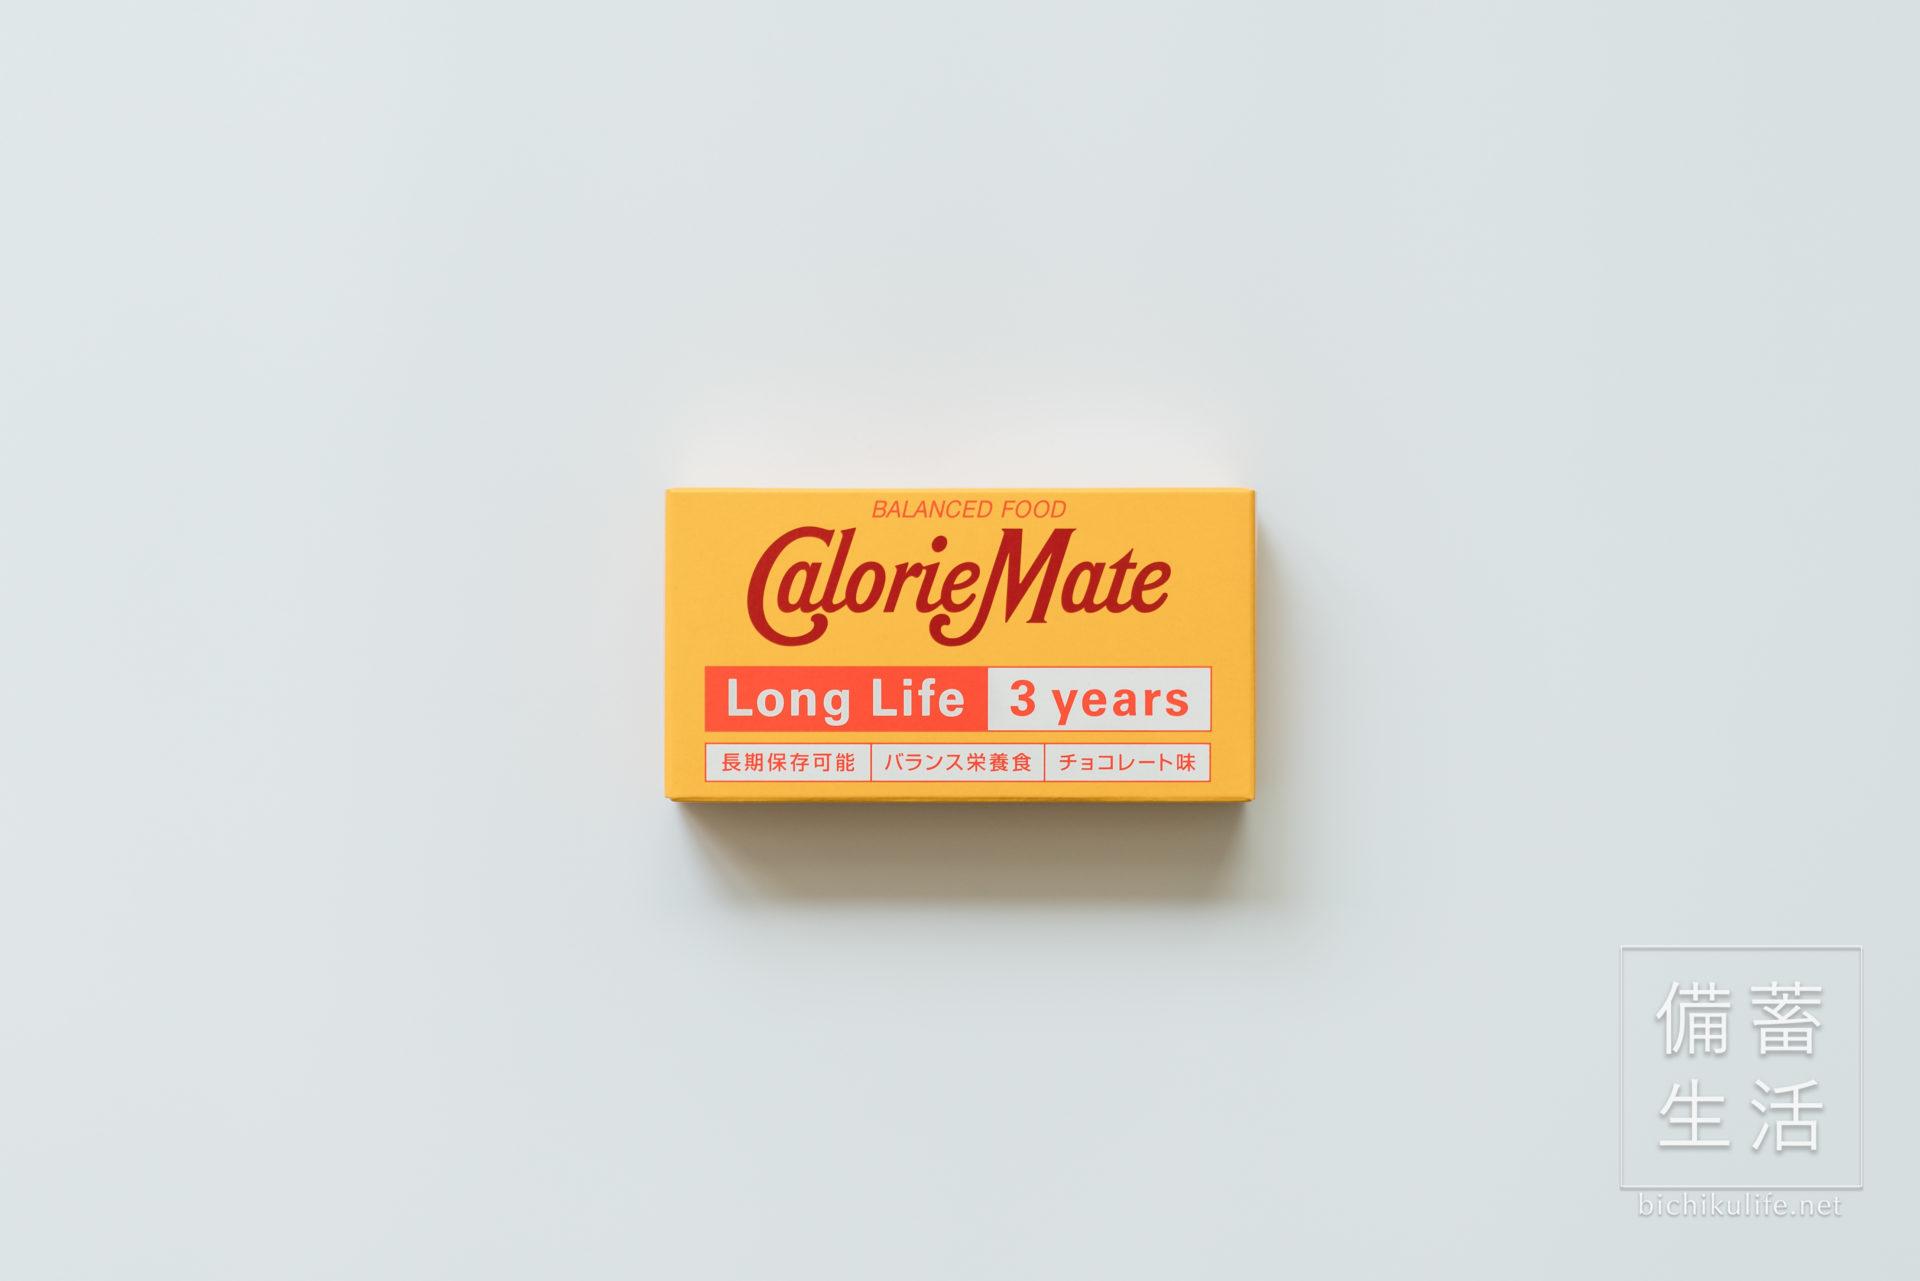 カロリーメイト ロングライフ(備蓄専用製品)